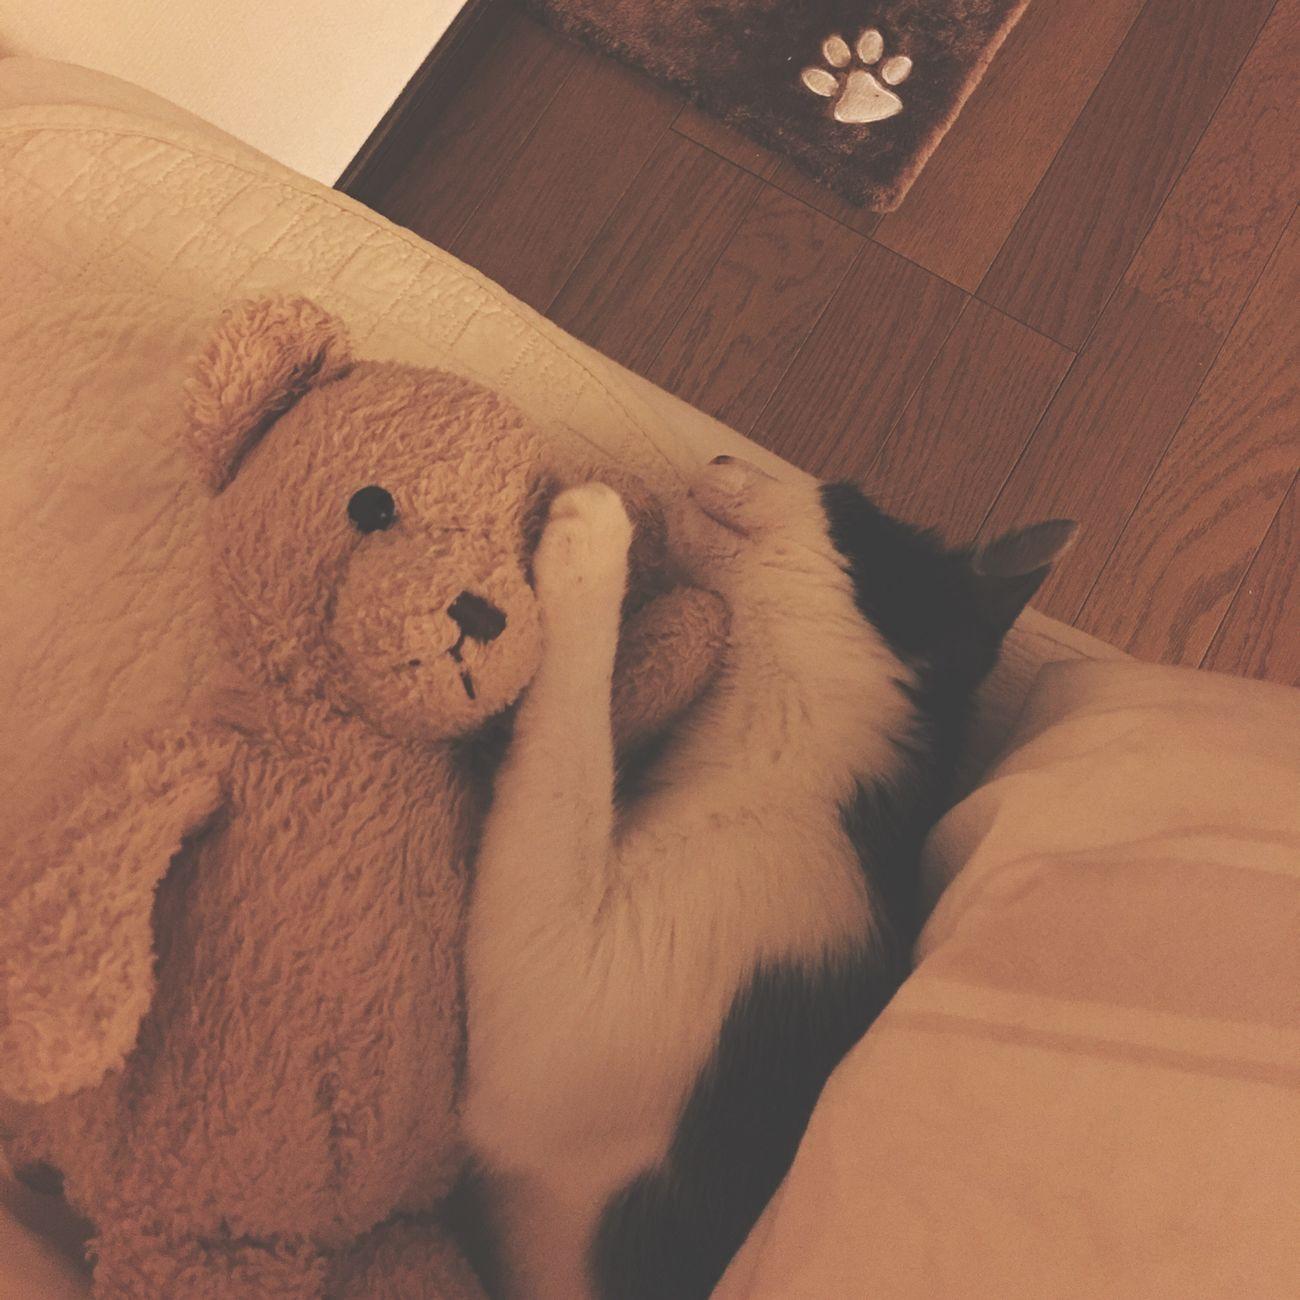 おやすみ 雨ちゃん 💤 ( ´艸`)